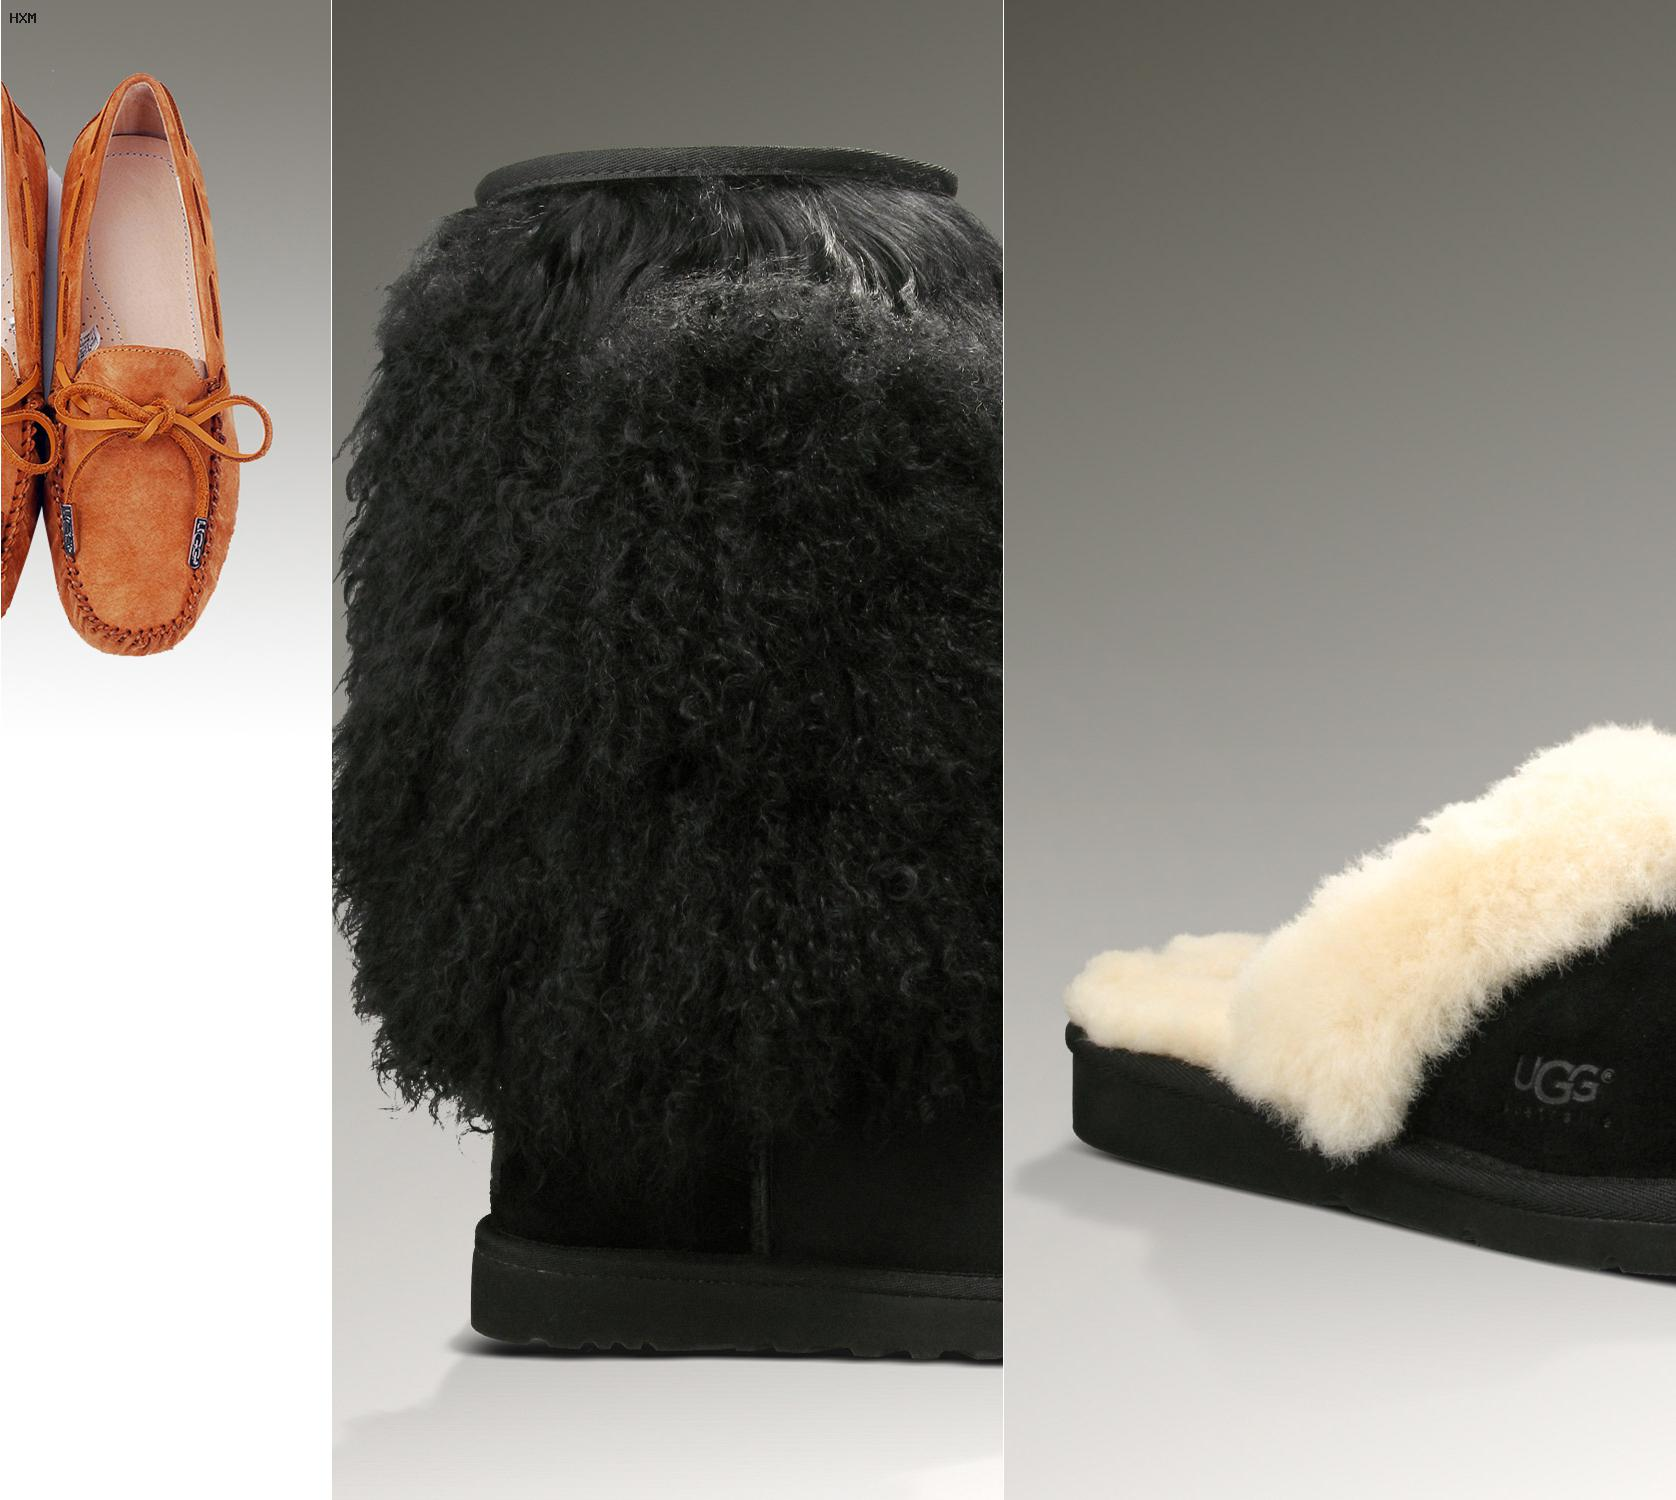 comprar botas ugg originales baratas